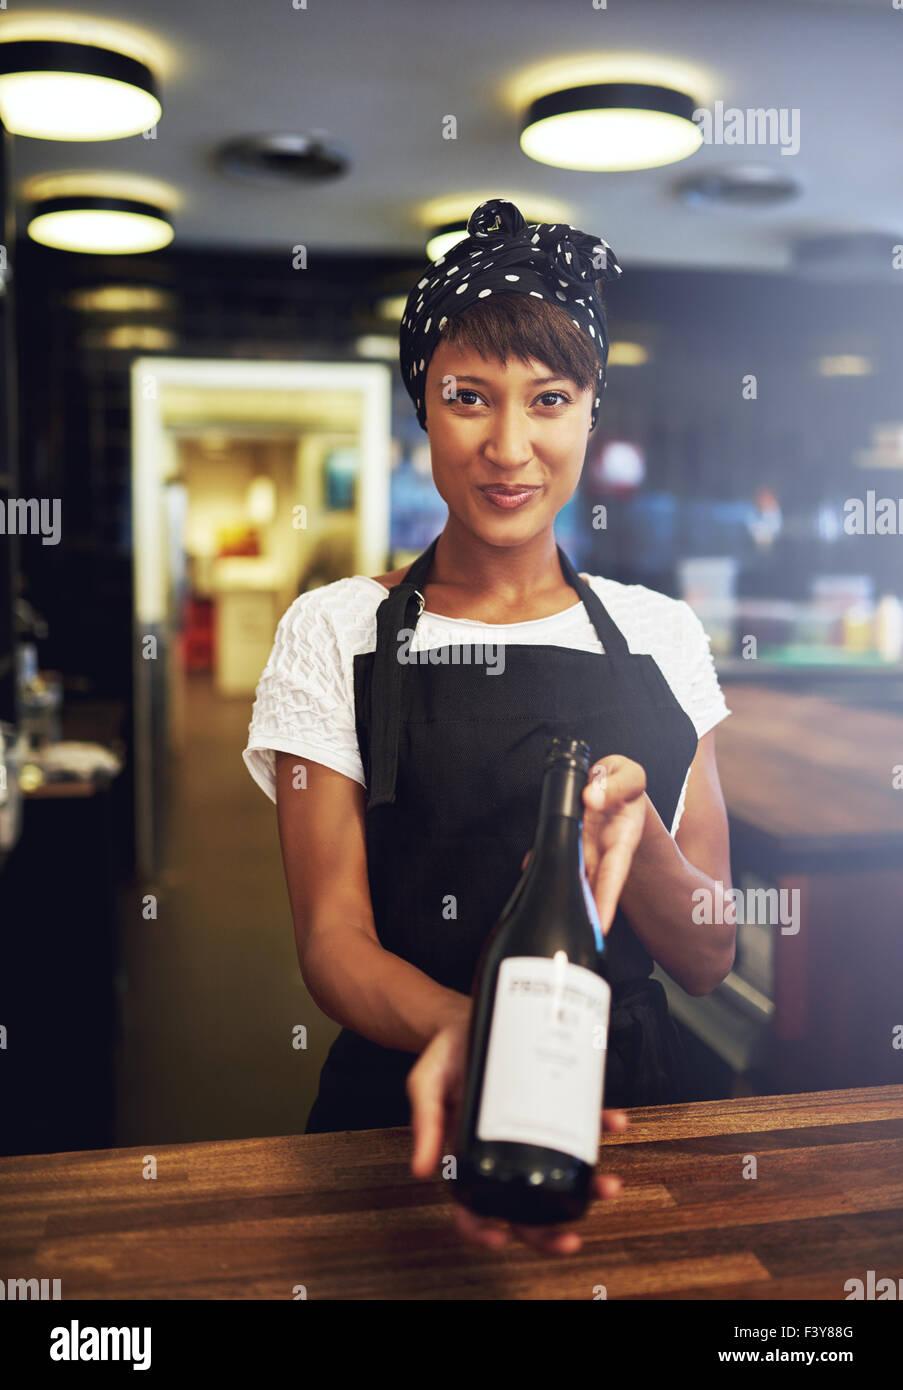 Smiling young waitress présentant une bouteille de vin rouge à un client pour approbation avant de l'ouvrir, Photo Stock